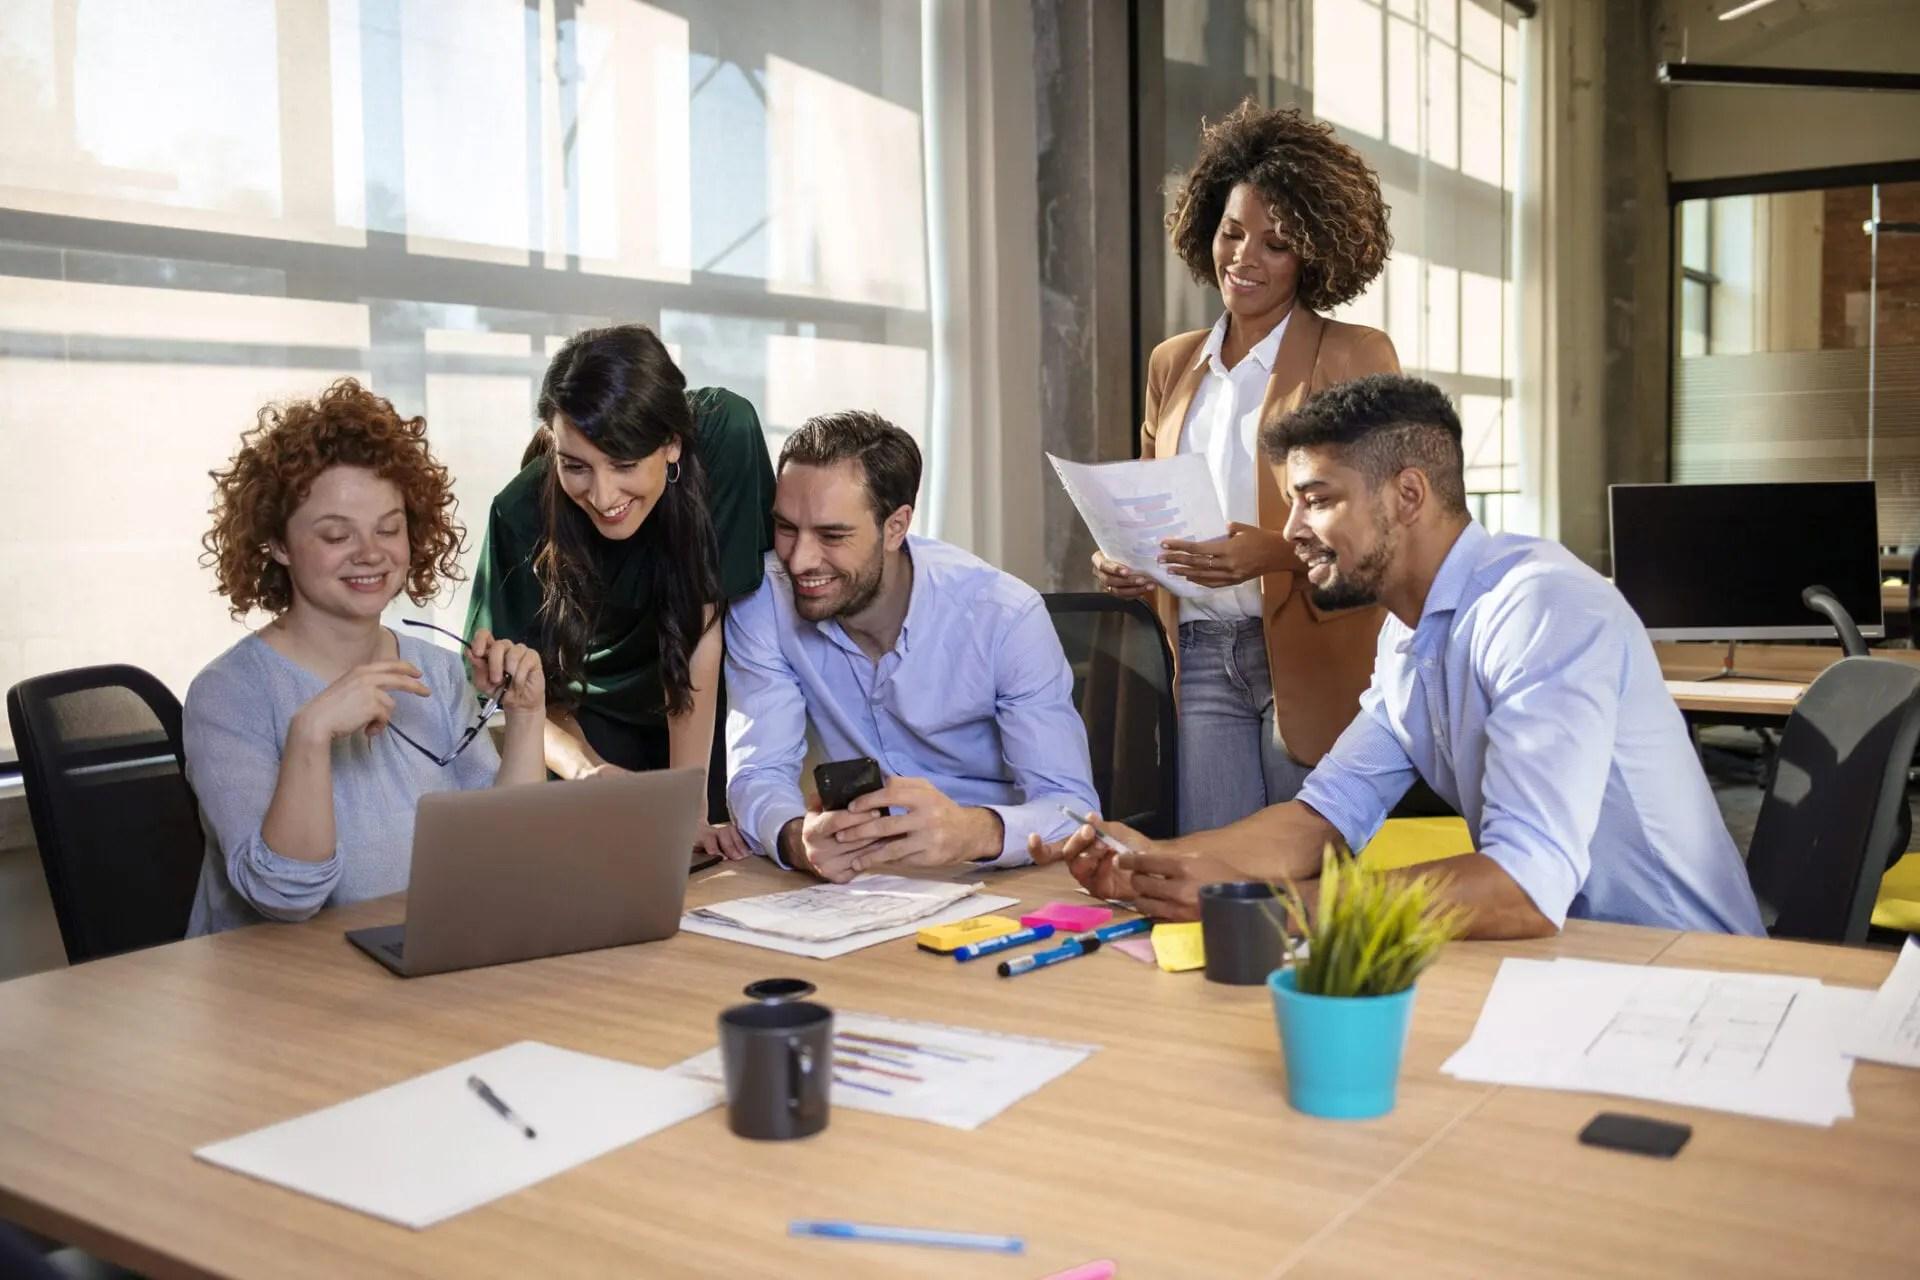 team gathers around laptop to plan knowledge management platform launch